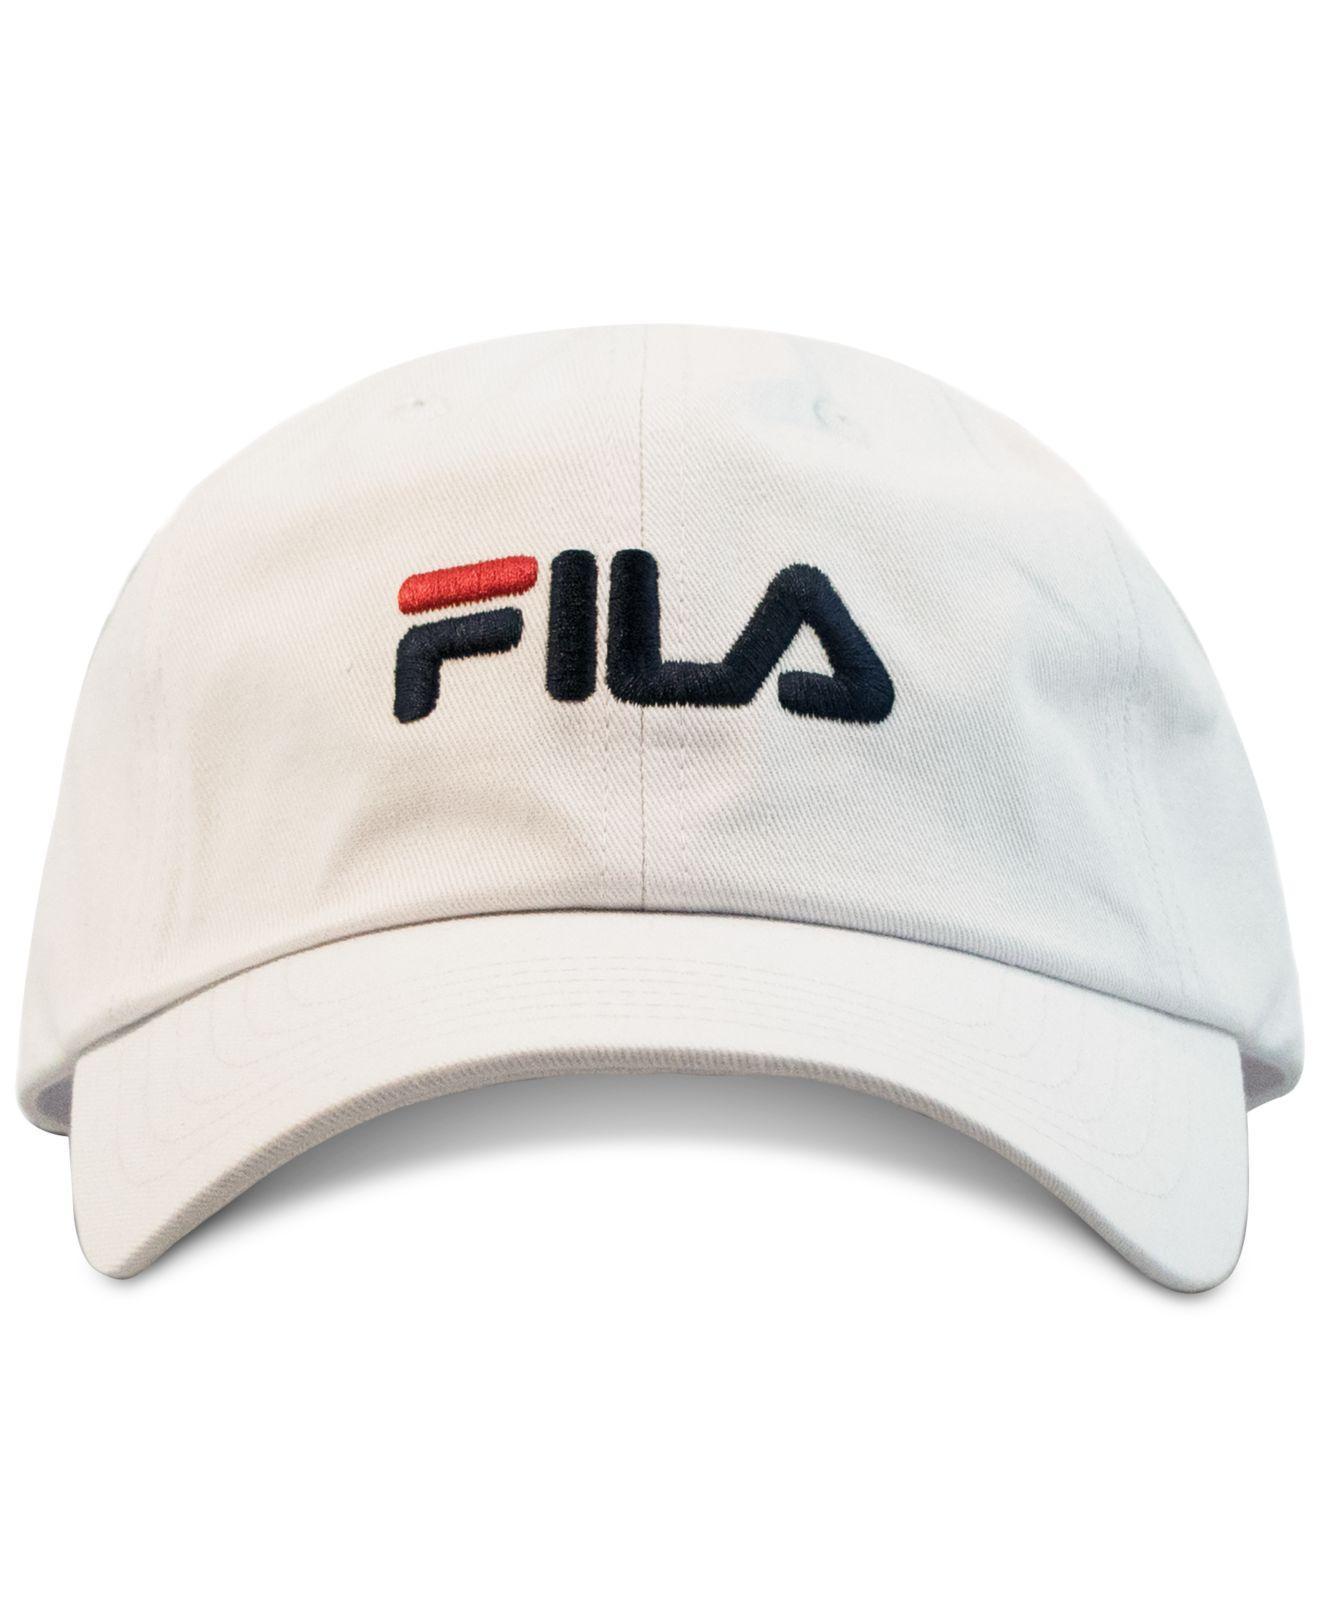 cb26e1759c9 Lyst - Fila Cotton Logo Hat in White